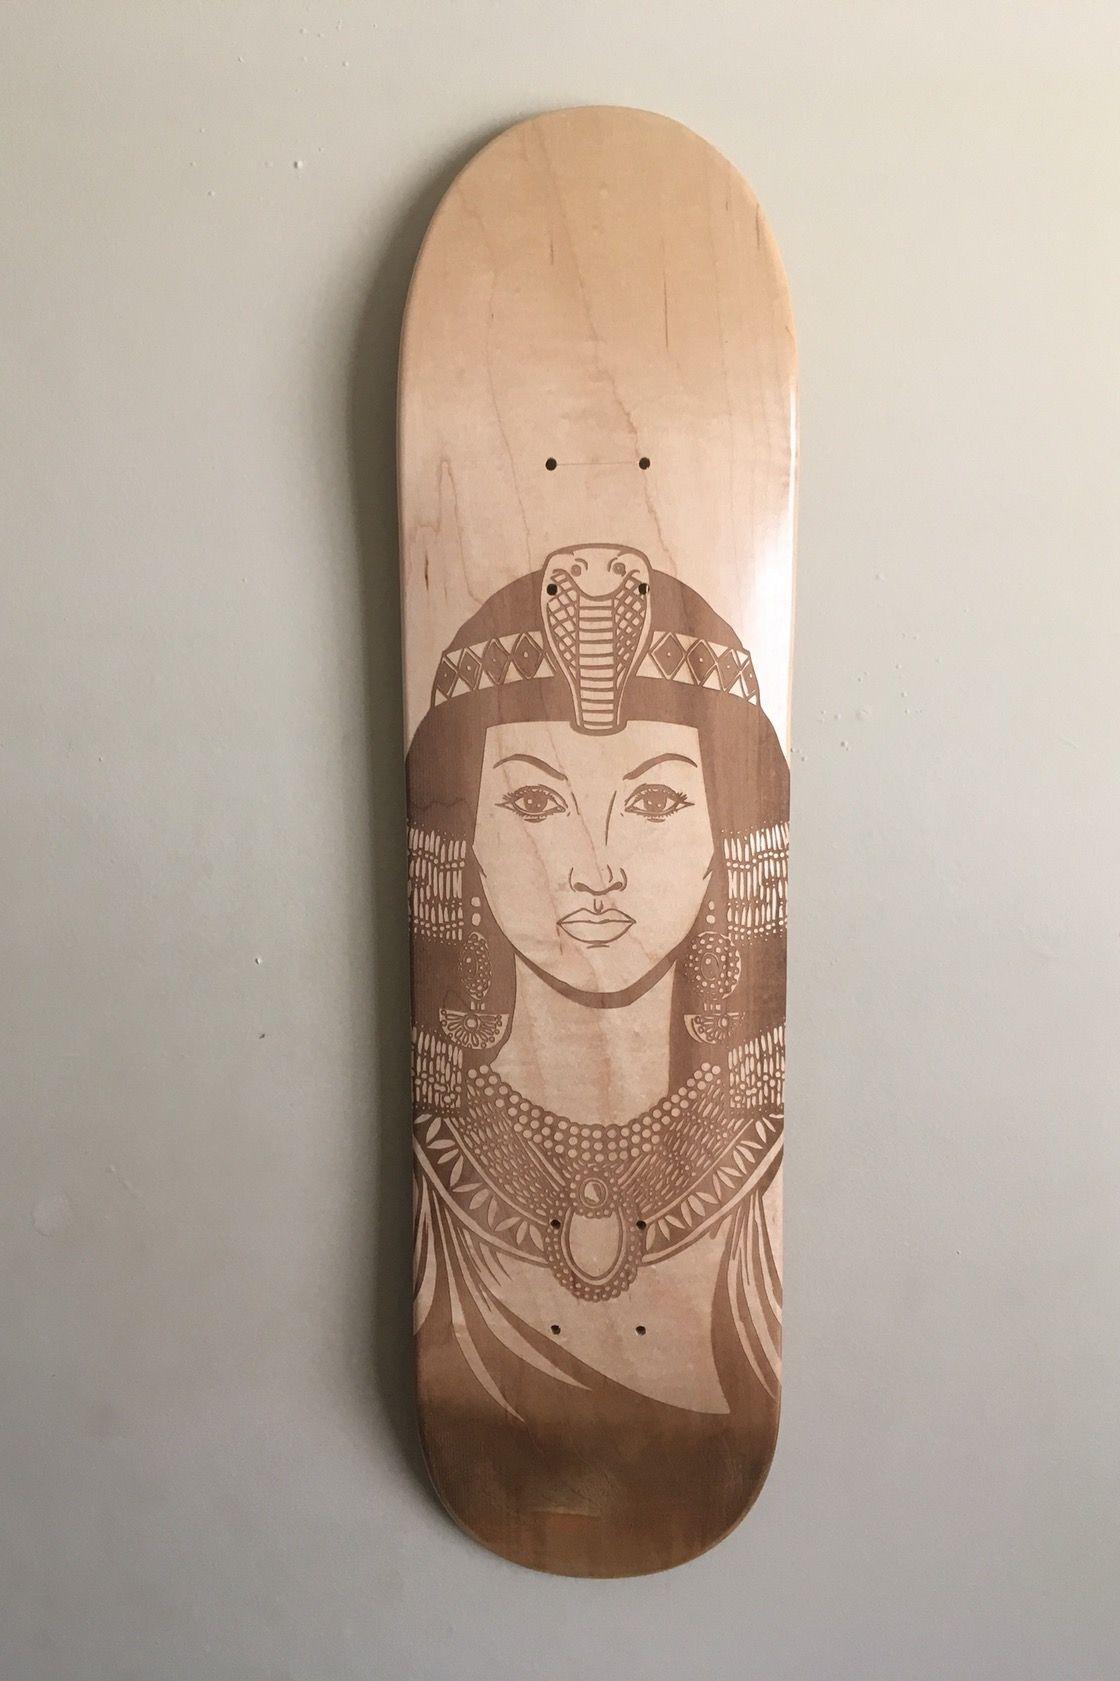 OG Queens cleopatra skate